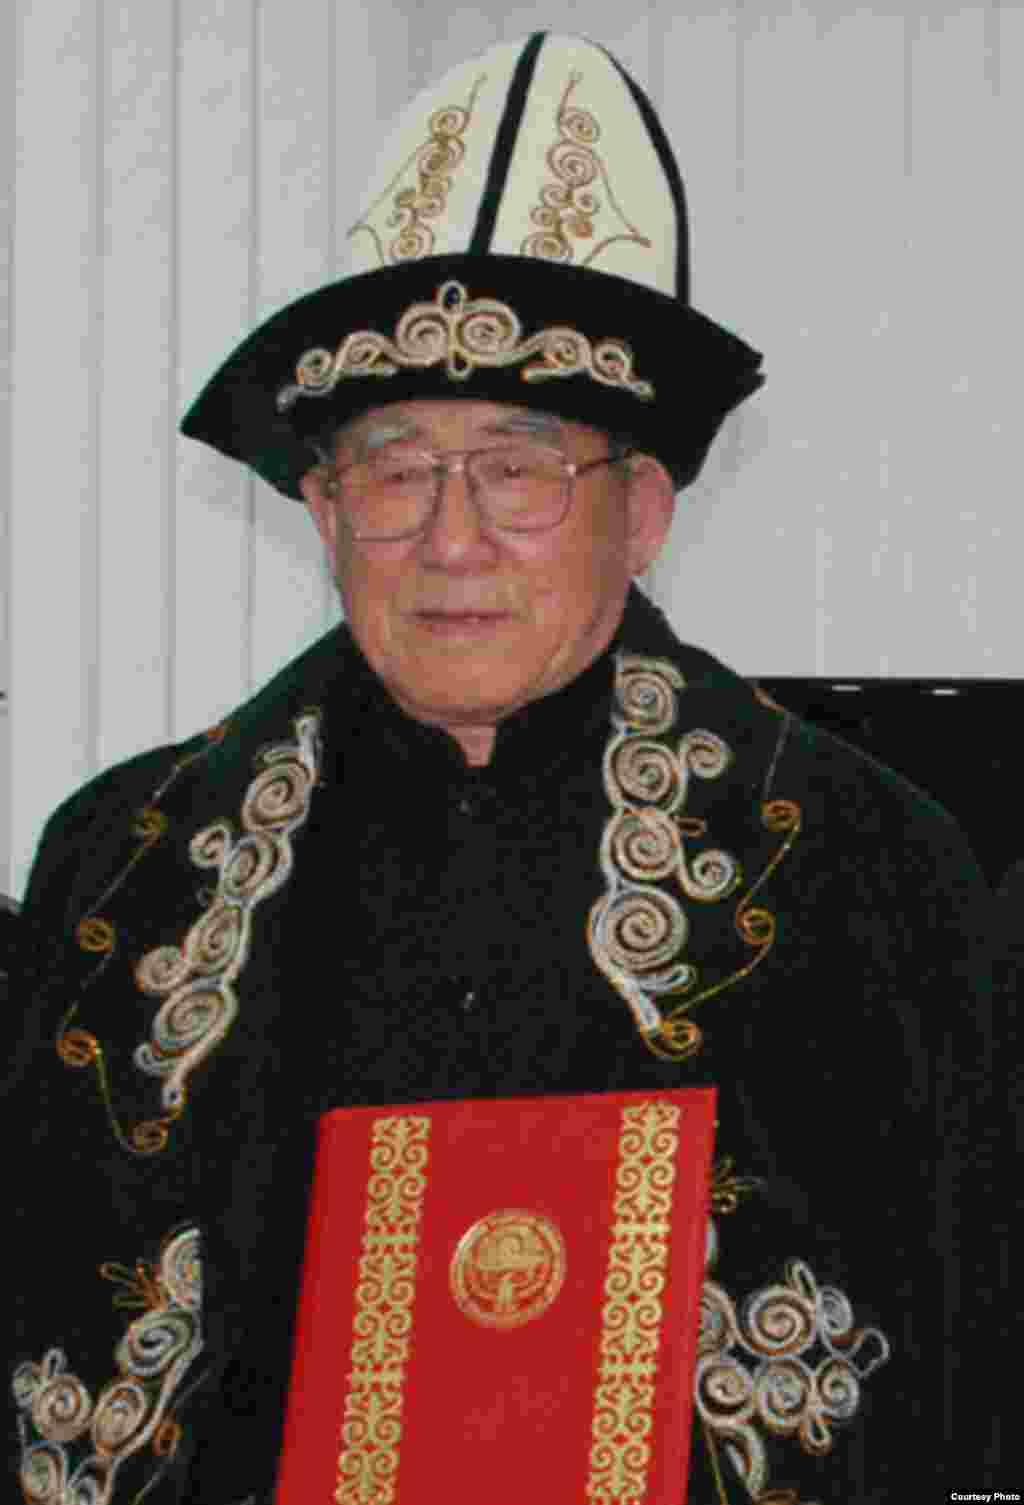 Кытайлык чыгаан илимпоз, кыргыз таануучу, манас таануучу жана дунган таануучу Мухаммед Ху Чжэнхуанын 85 жылдыгына арналган сүрөт баян.